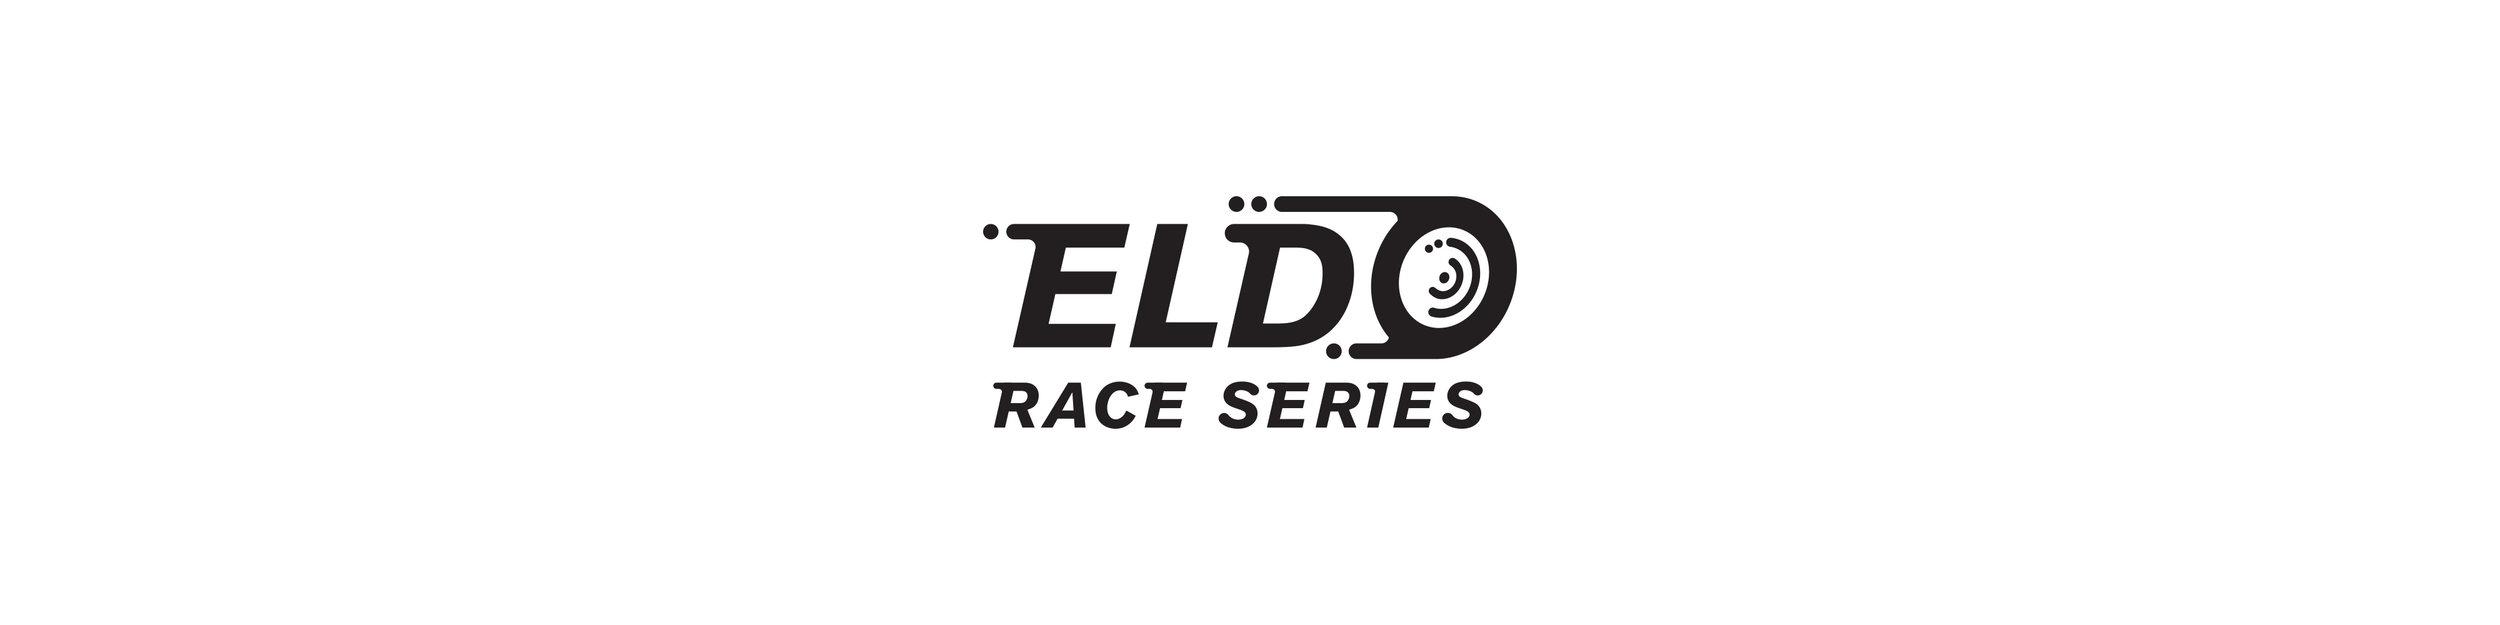 Eldo-1.jpg